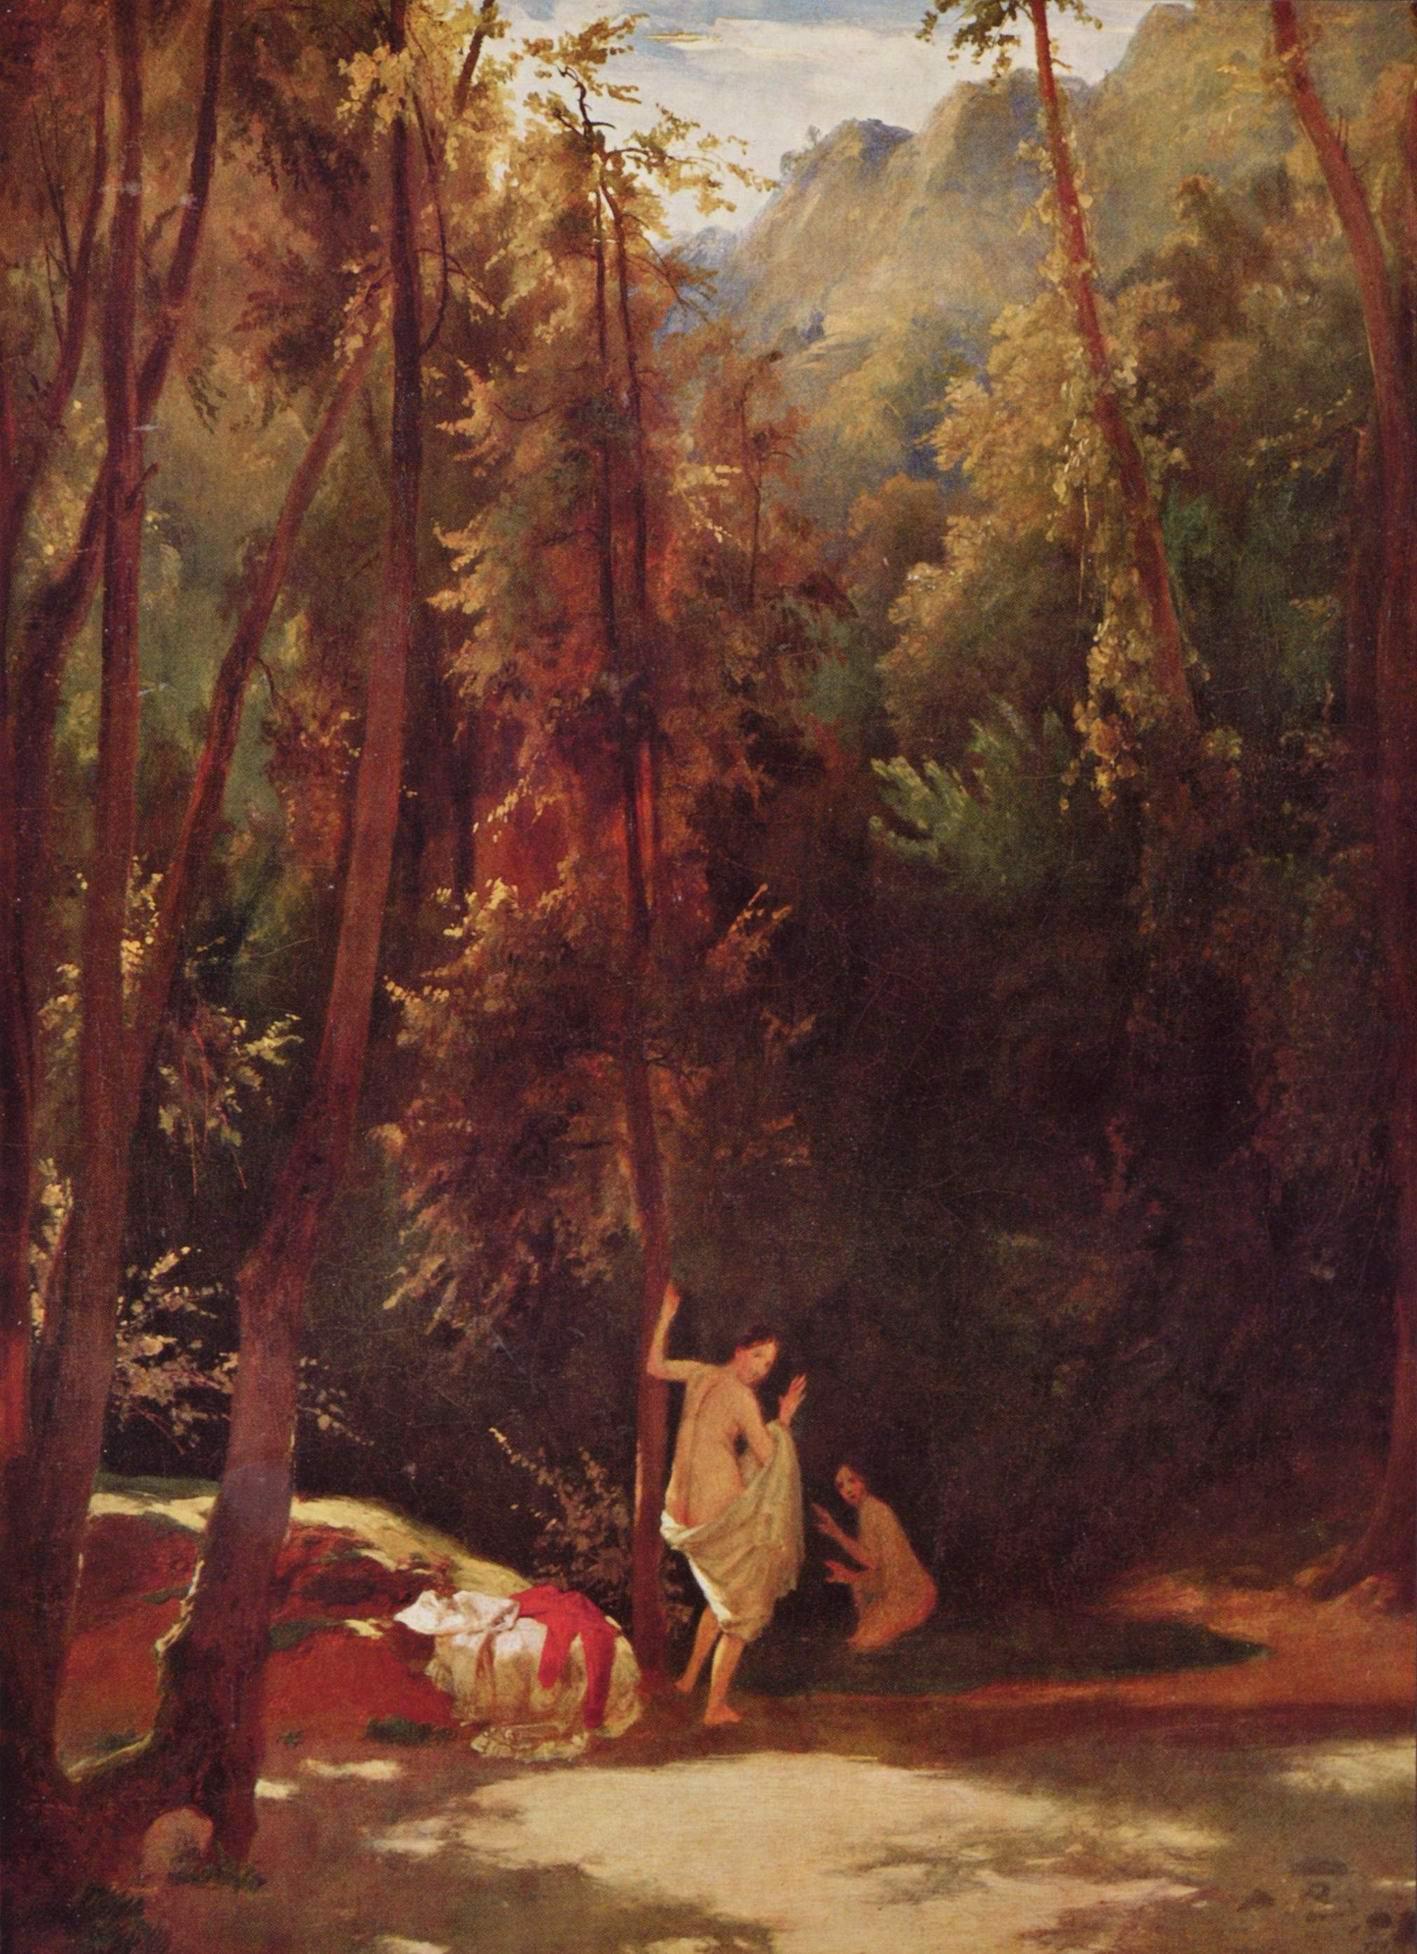 Купающиеся девушки в парке Терни, Карл Эдуард Фердинанд Блехен